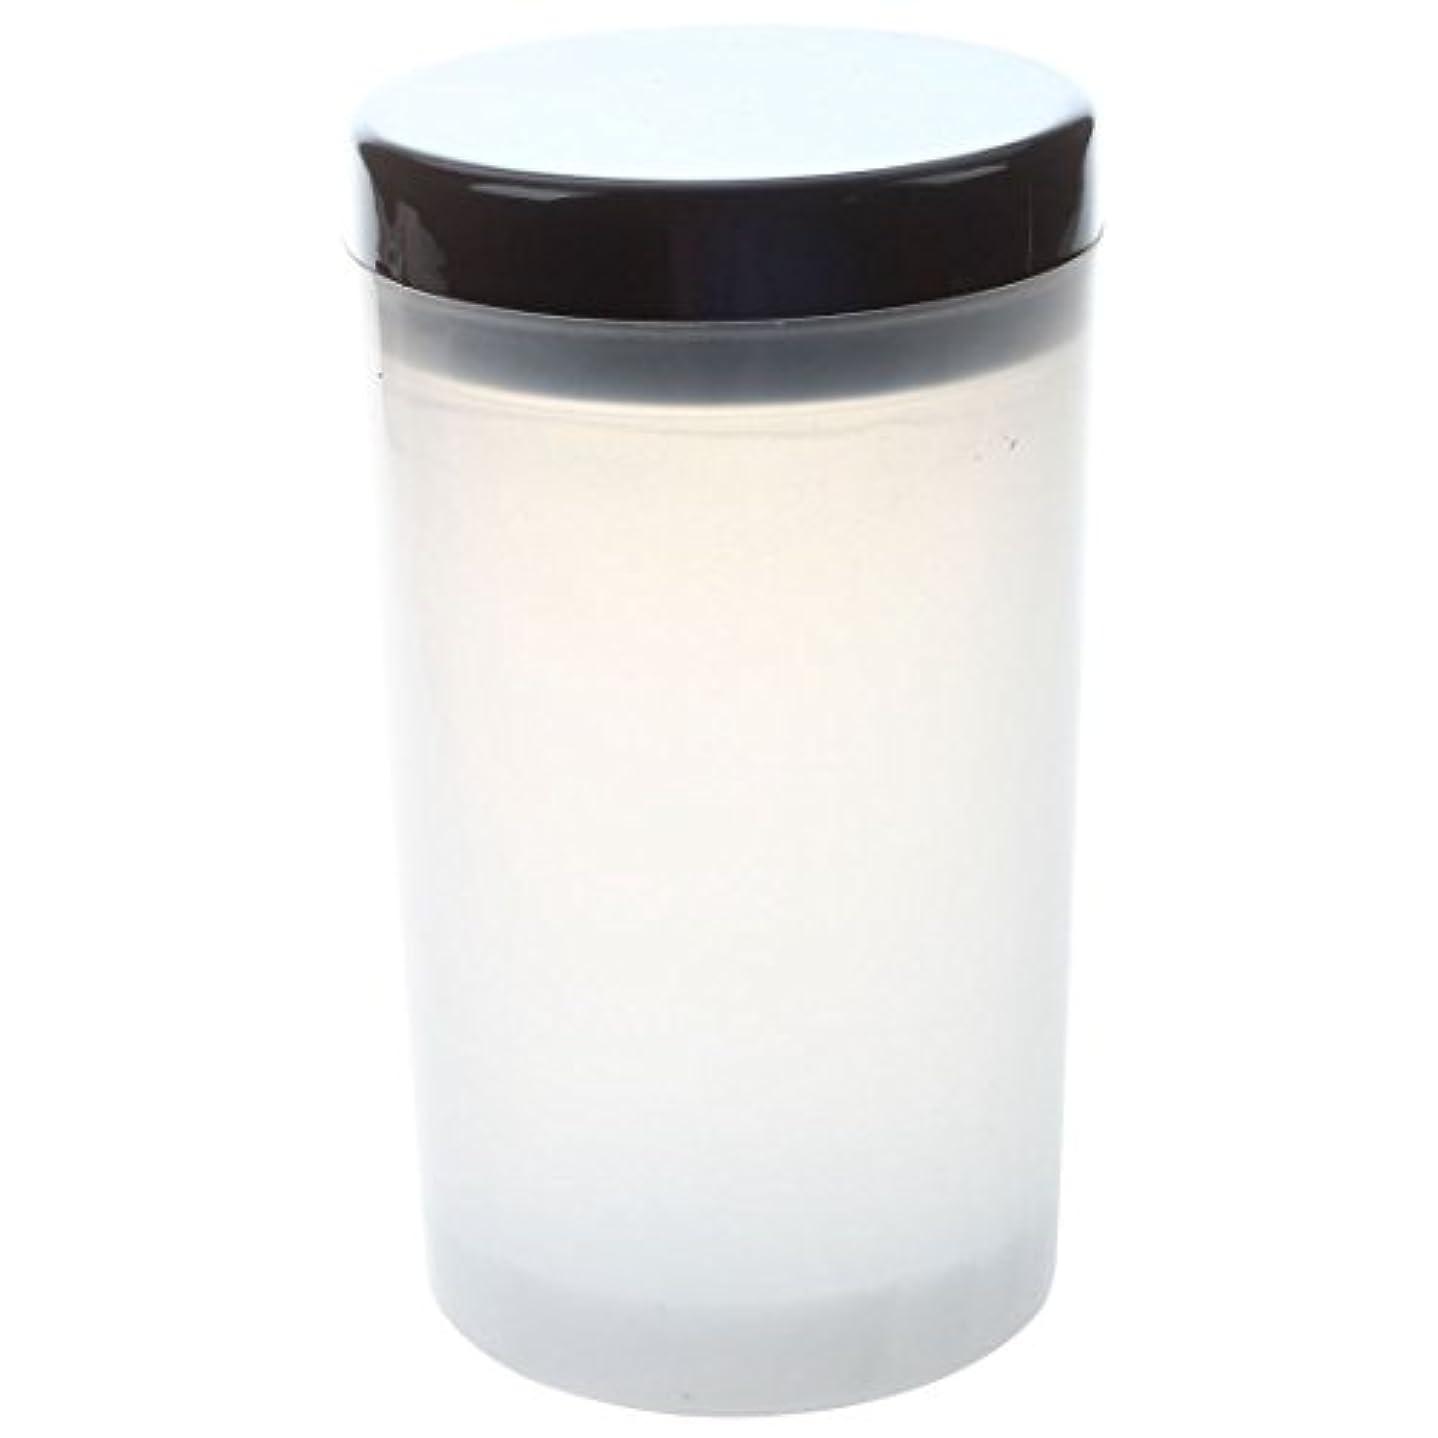 納税者まつげ漁師Cikuso ネイルアートチップブラシホルダー リムーバーカップカップ浸漬ブラシ クリーナーボトル